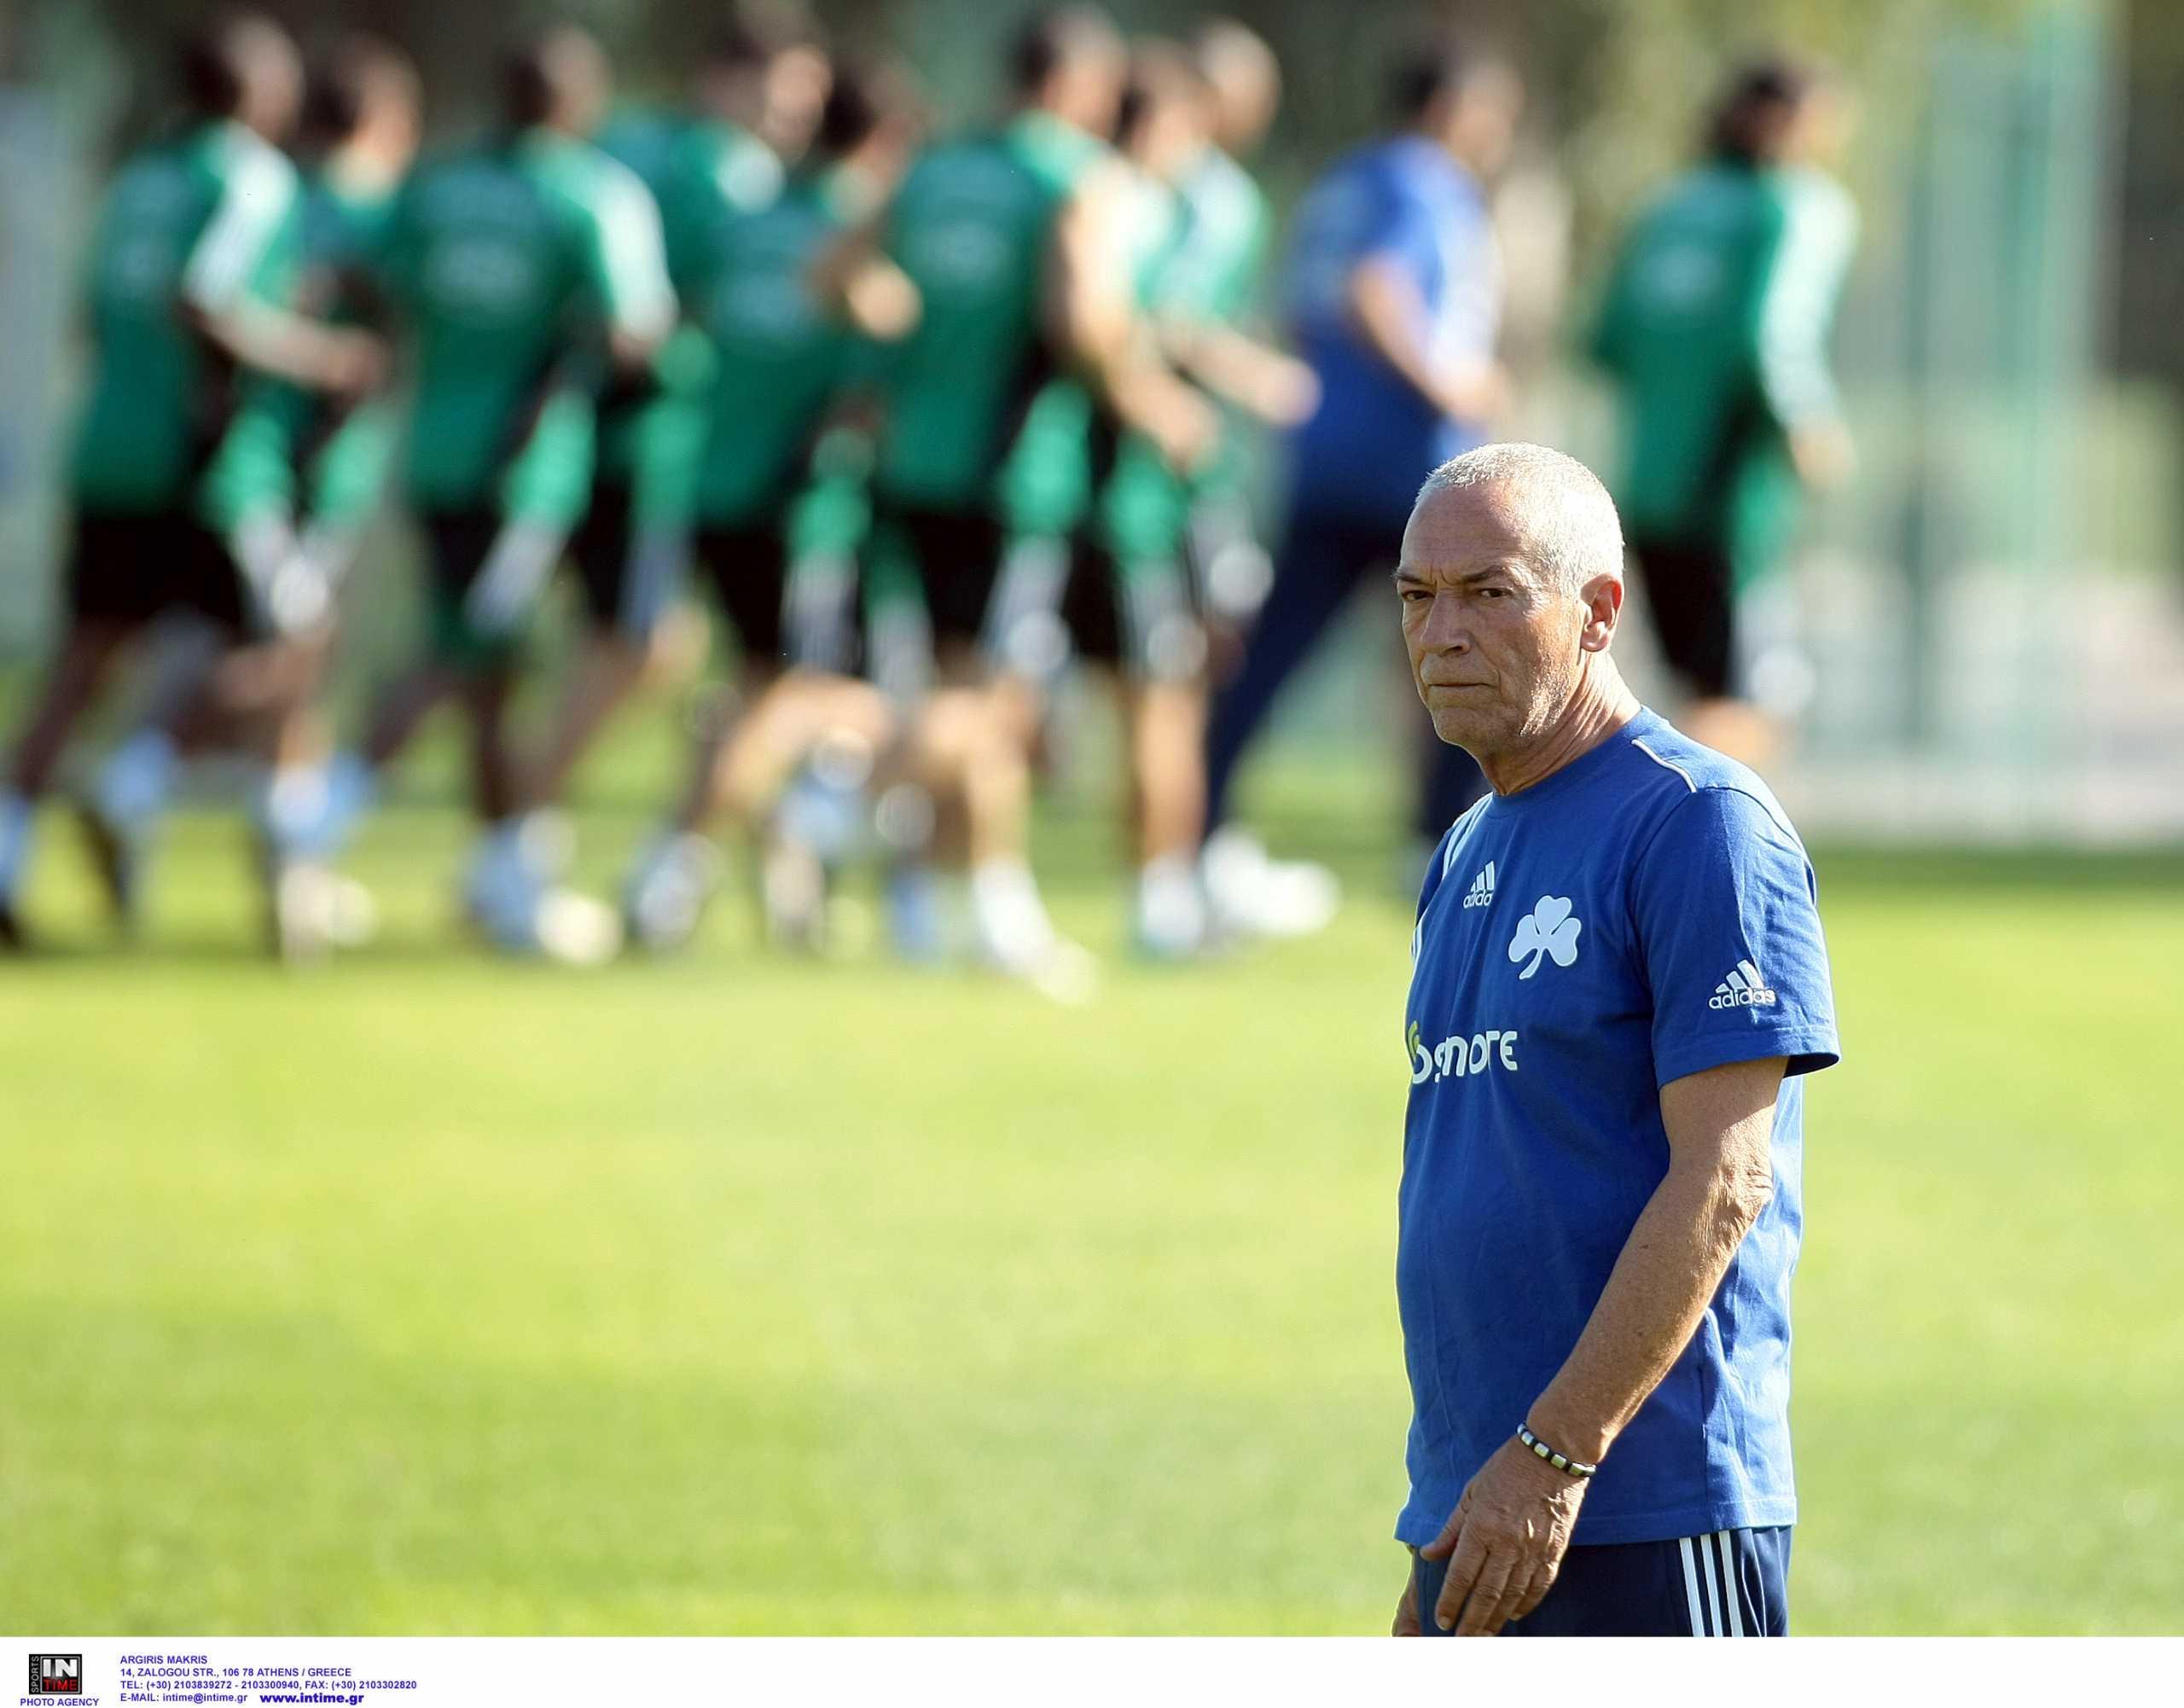 Πρώην προπονητής του Παναθηναϊκού ανέλαβε την Μποαβίστα στα 74 του χρόνια (pic)